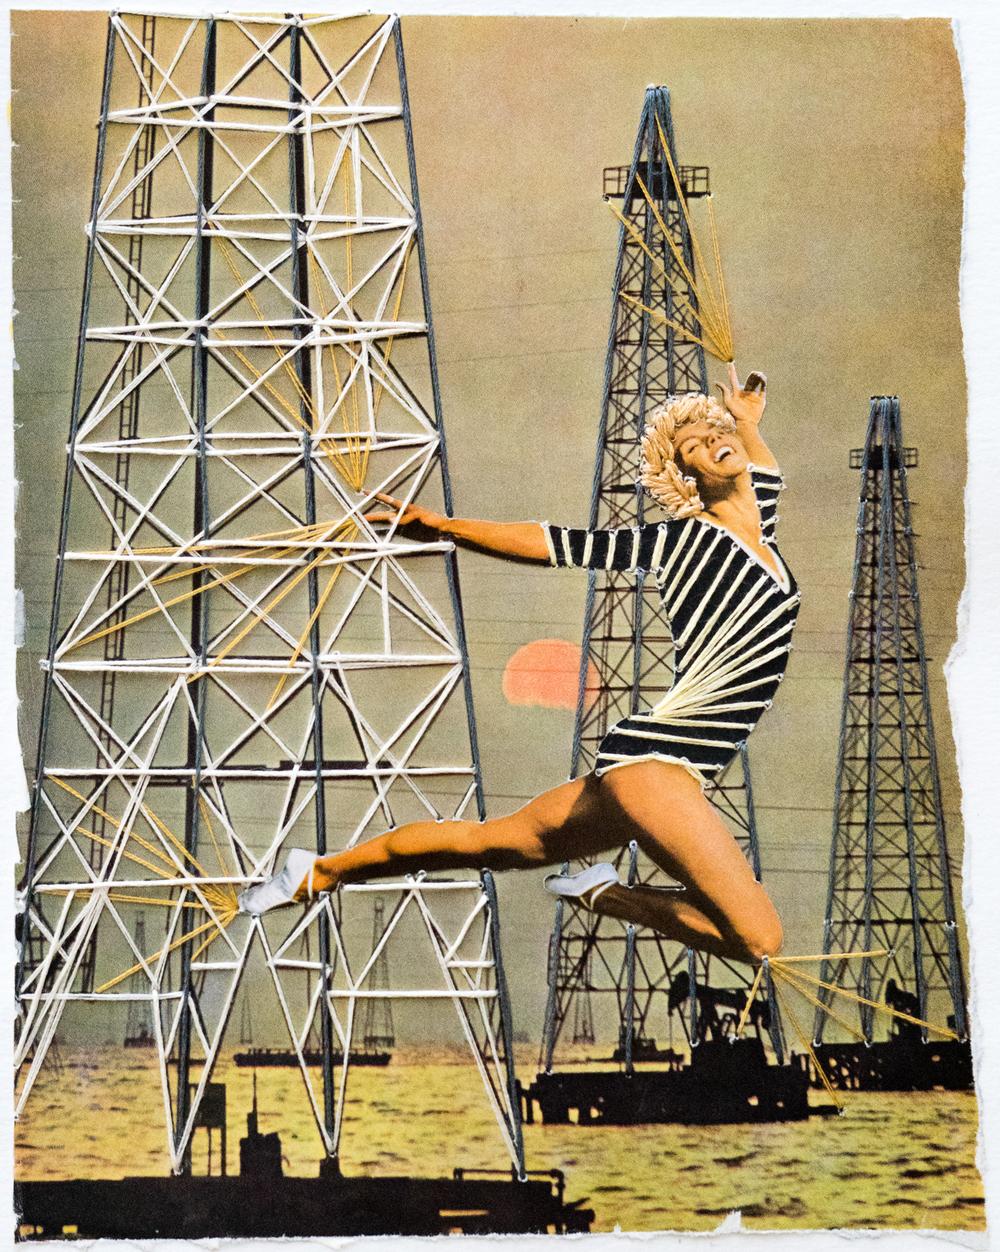 Oil Field Frolic